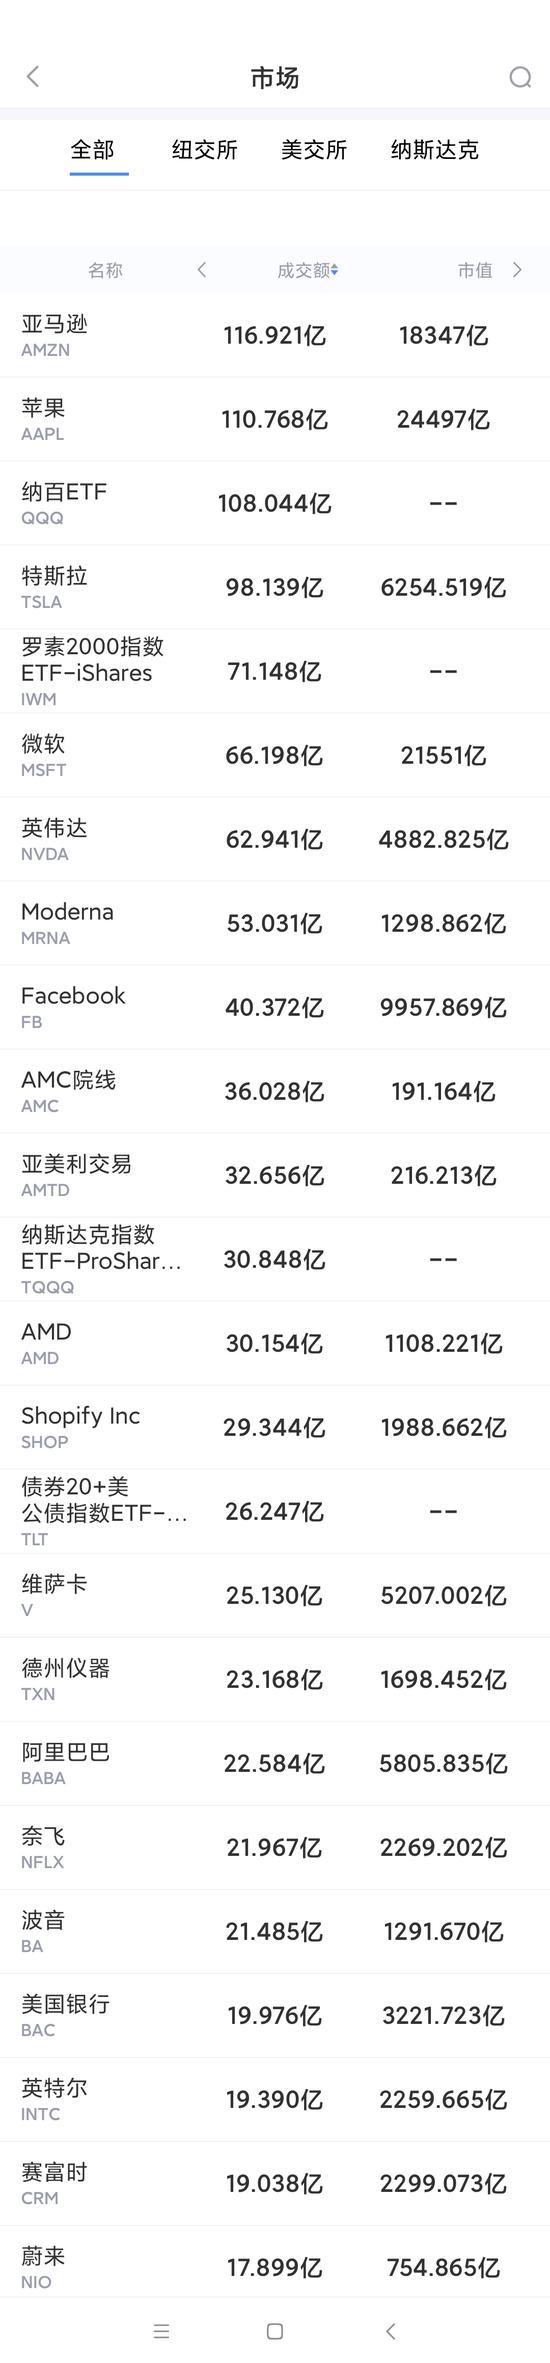 7月22日美股成交额最大20只股票 微软股价再创历史新高